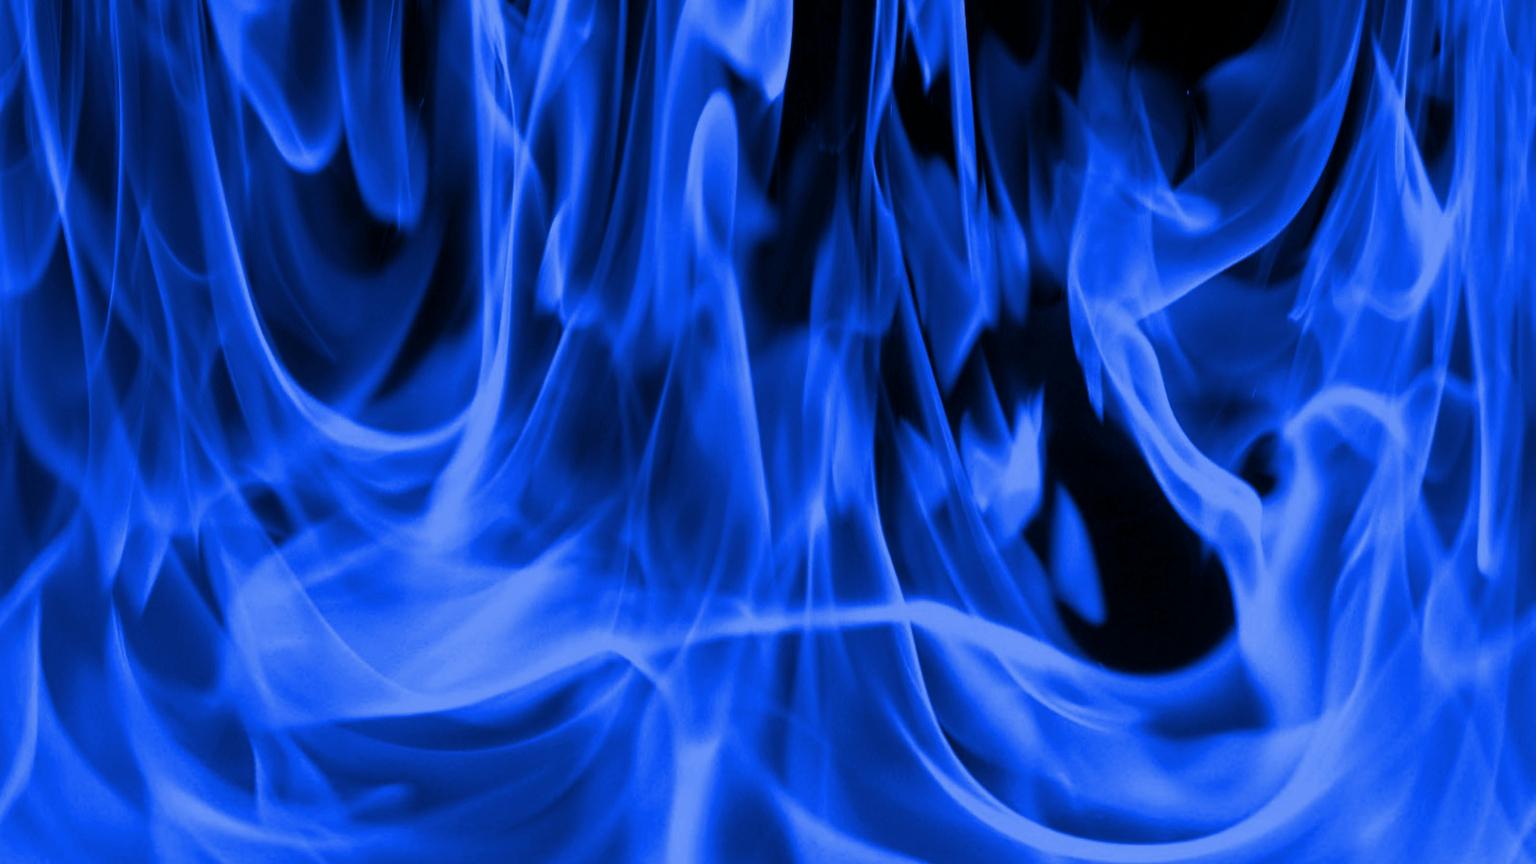 вся трагедия синее пламя картинки сути простой другой